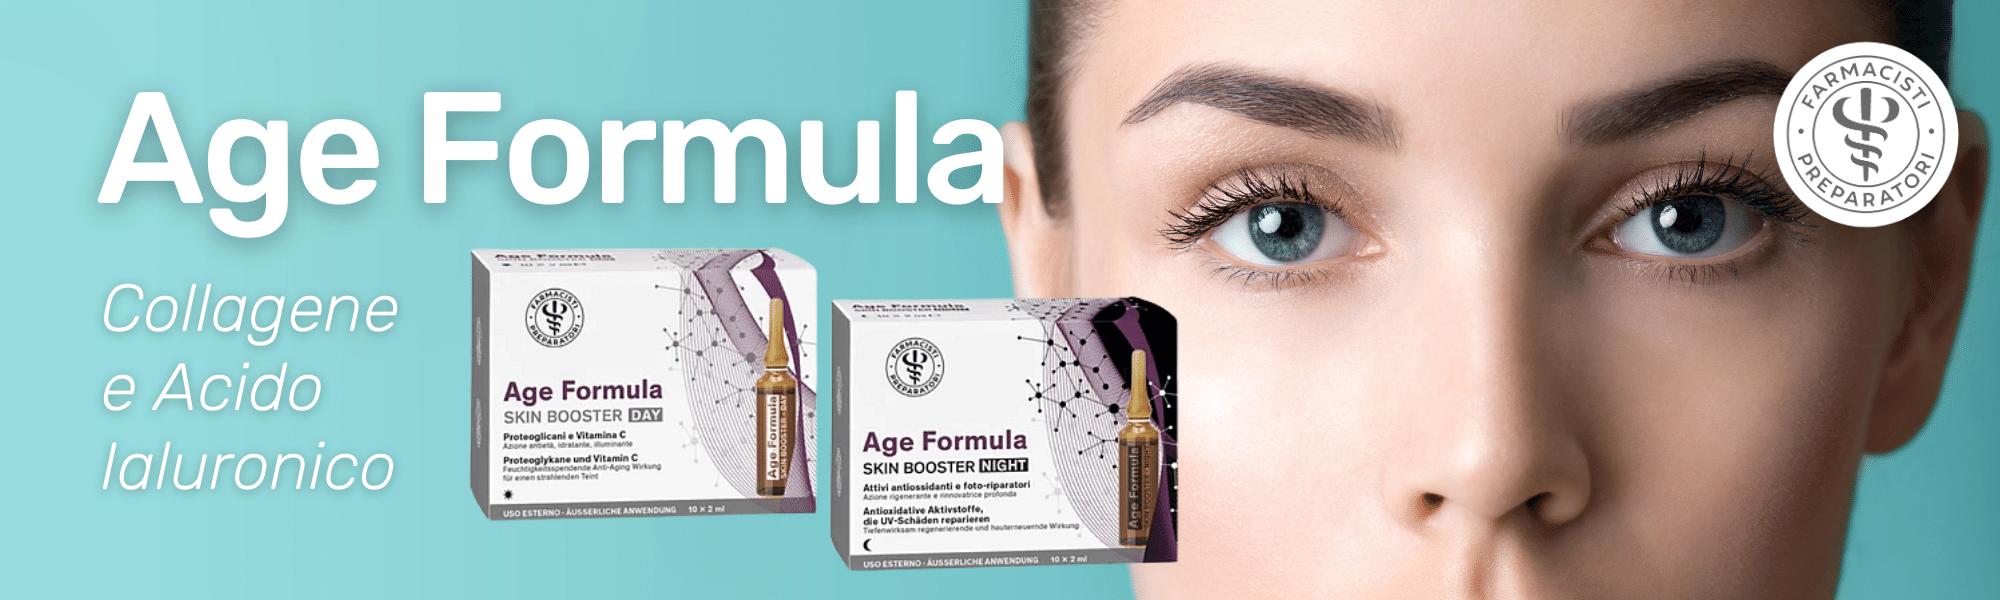 Age Formula Skin Booster Farmacisti Preparatori